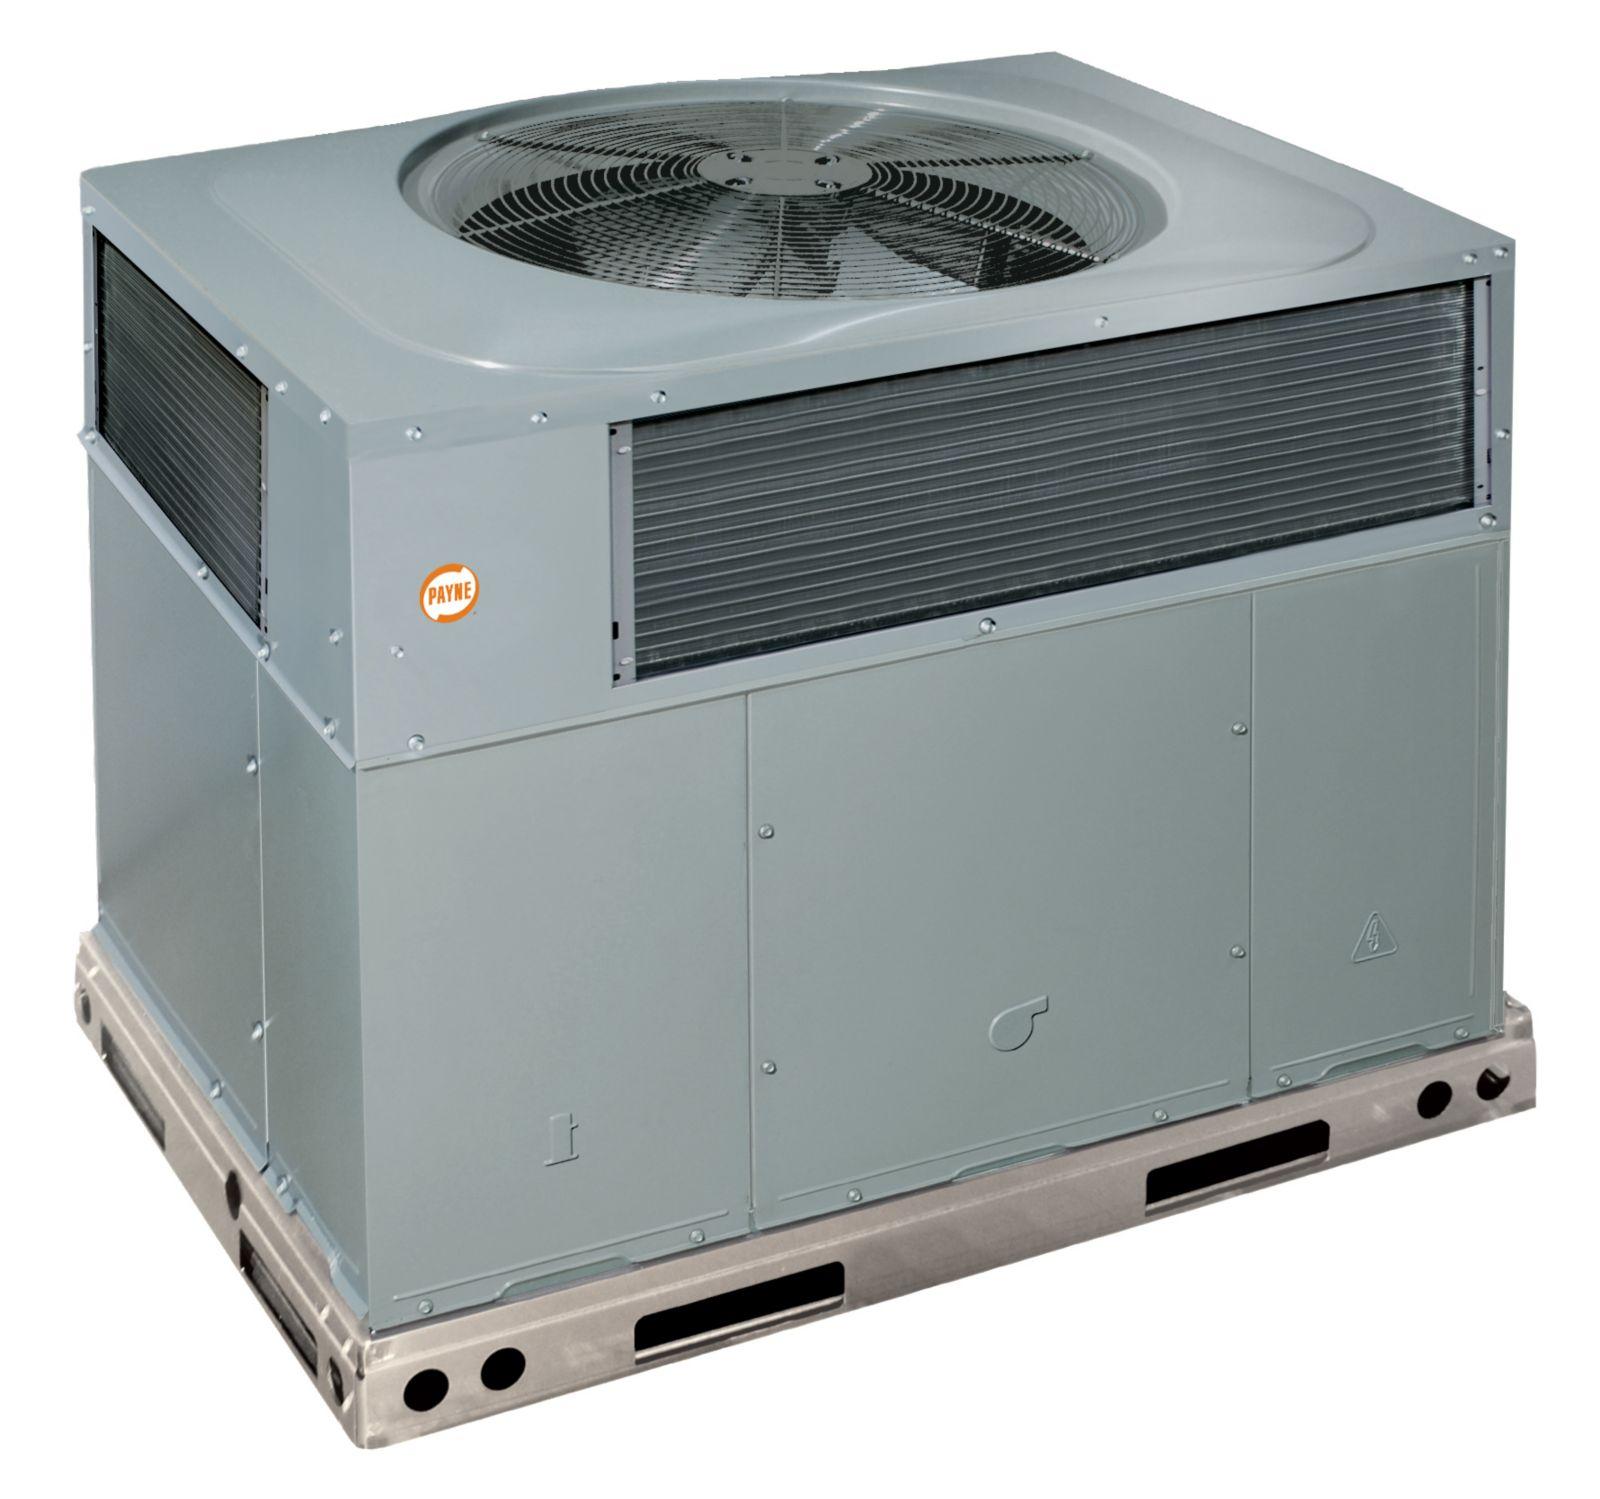 Wiring Diagram Ruud Ac Unit : Ruud wiring schematics air conditioners